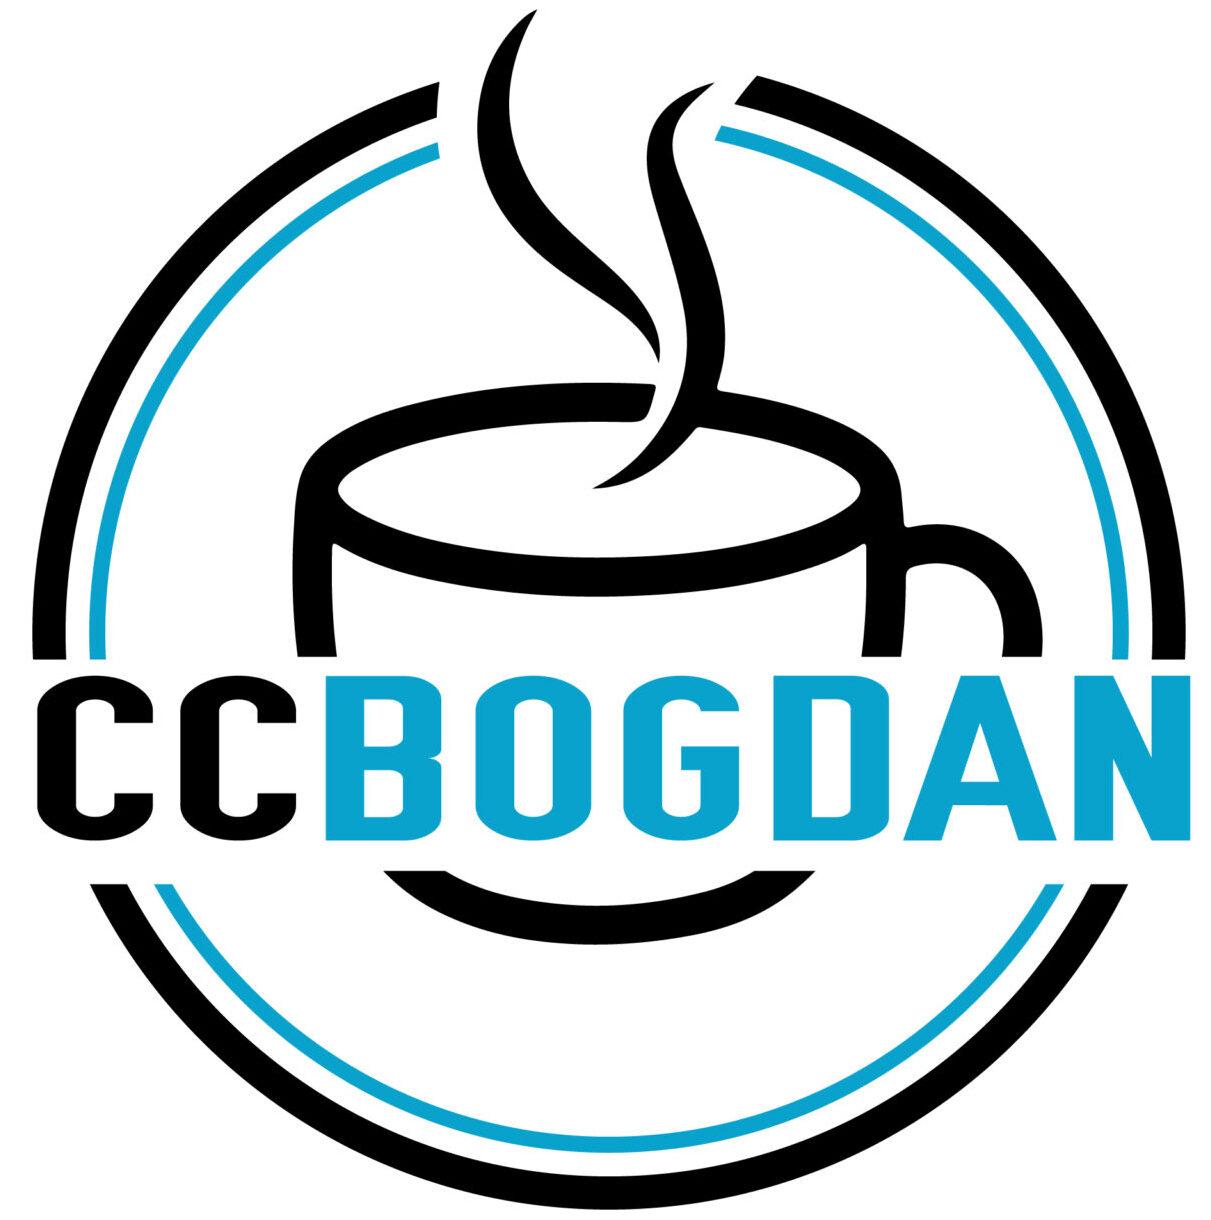 ccbogdan